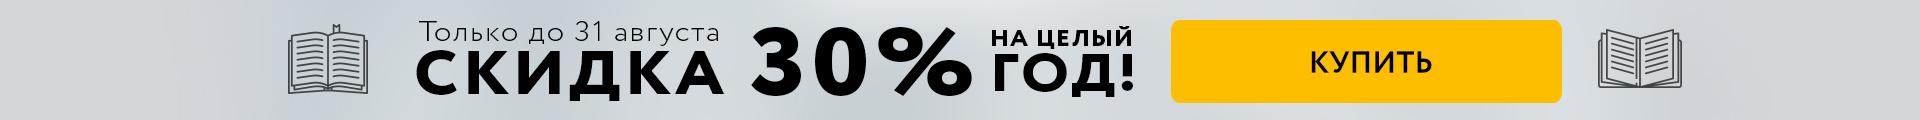 Скидка 30% на годовые подписки